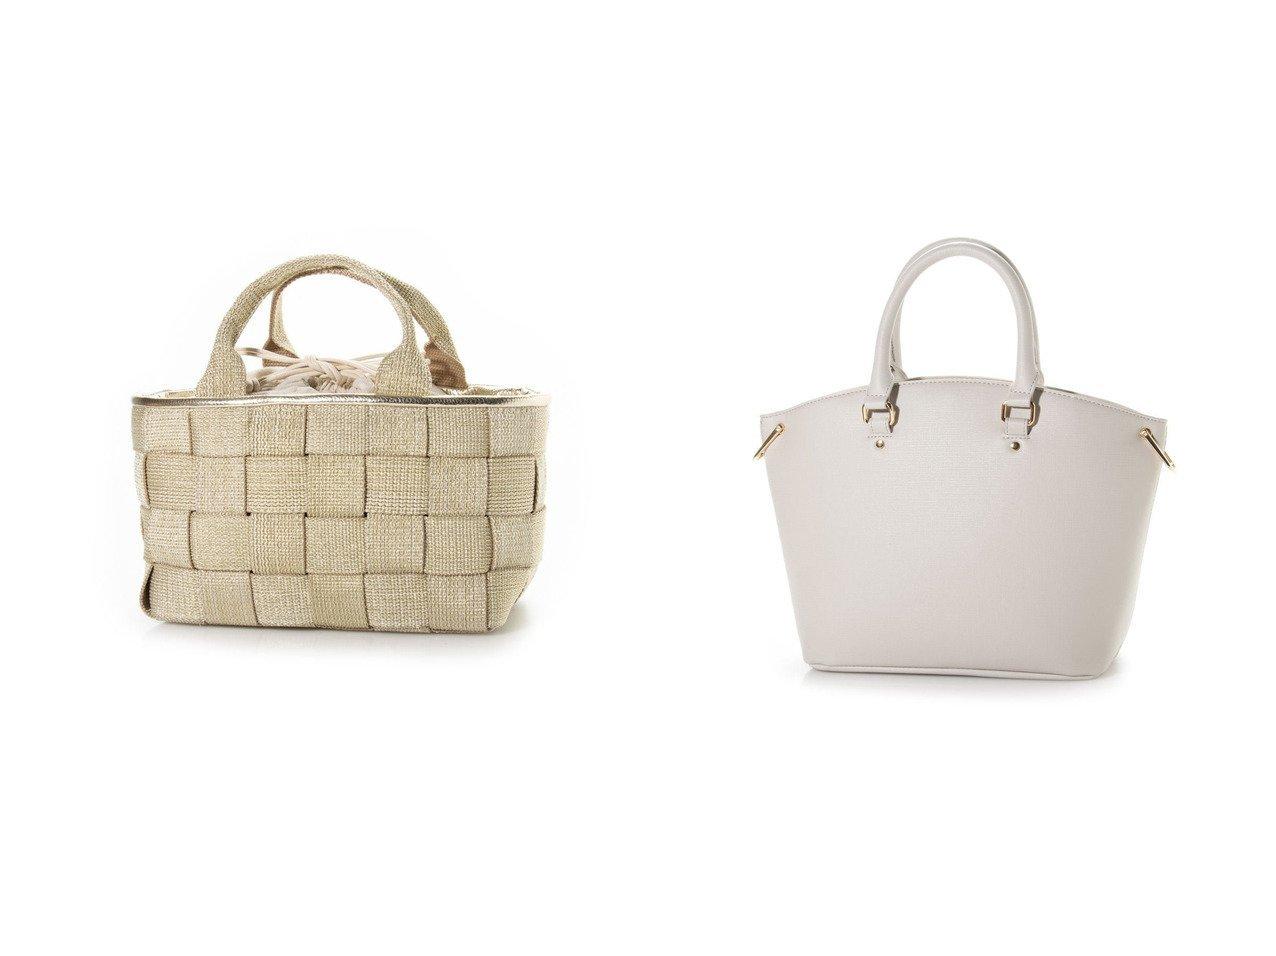 【COMME CA ISM/コムサイズム】の〔モノコムサ〕 トートミディアムバッグ&【cache cache/カシュカシ】のテープメッシュ横長トートバッグ バッグ・鞄のおすすめ!人気、トレンド・レディースファッションの通販  おすすめで人気の流行・トレンド、ファッションの通販商品 メンズファッション・キッズファッション・インテリア・家具・レディースファッション・服の通販 founy(ファニー) https://founy.com/ ファッション Fashion レディースファッション WOMEN バッグ Bag 春 Spring カラフル 巾着 財布 ハンド ミックス メッシュ モチーフ 2021年 2021 S/S 春夏 SS Spring/Summer 2021 春夏 S/S SS Spring/Summer 2021 ショルダー フェイクレザー フォーマル ポケット A/W 秋冬 AW Autumn/Winter / FW Fall-Winter 2020年 2020 2020-2021 秋冬 A/W AW Autumn/Winter / FW Fall-Winter 2020-2021 |ID:crp329100000015643